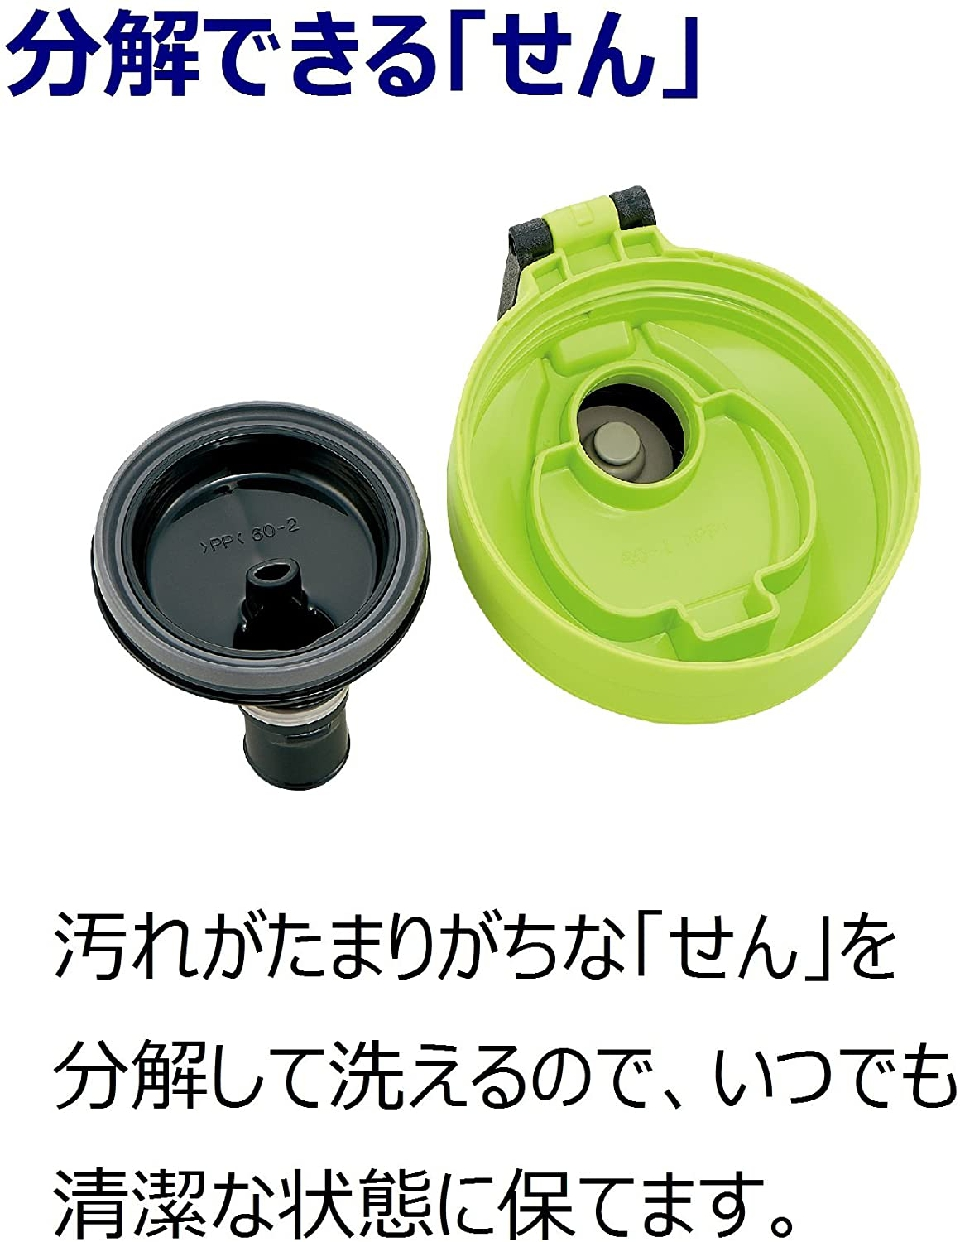 象印(ZOJIRUSHI) ステンレスクールボトル 2.0L SD-BC20-BGの商品画像4